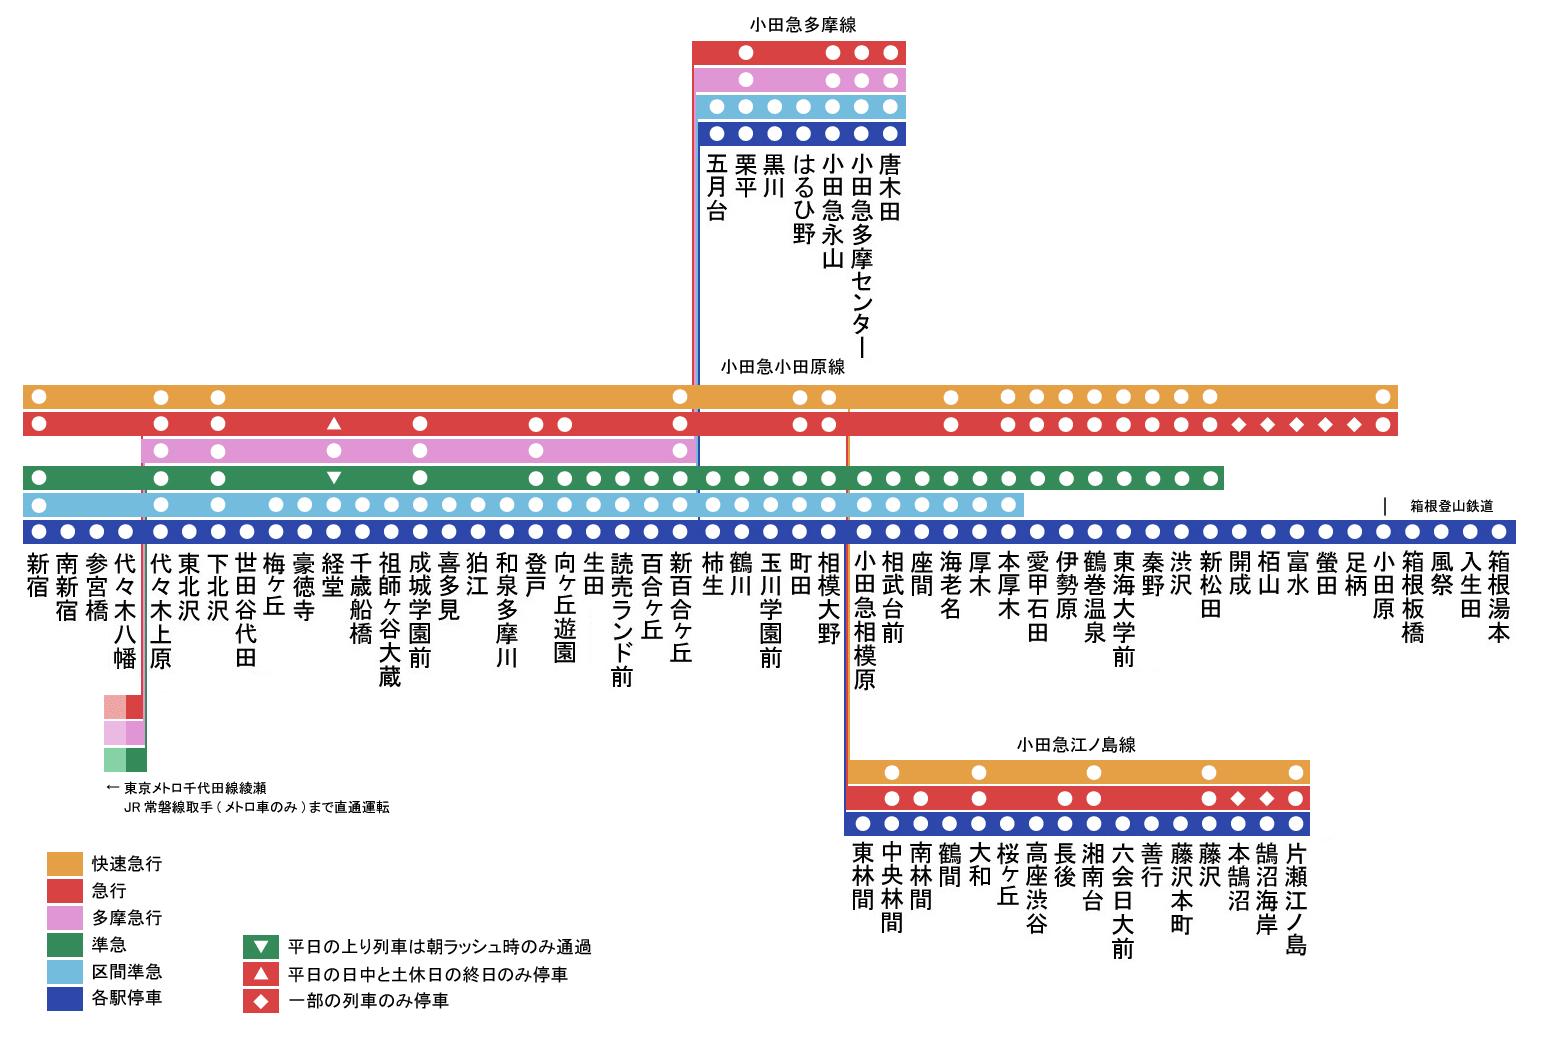 小田急江ノ島線路線図